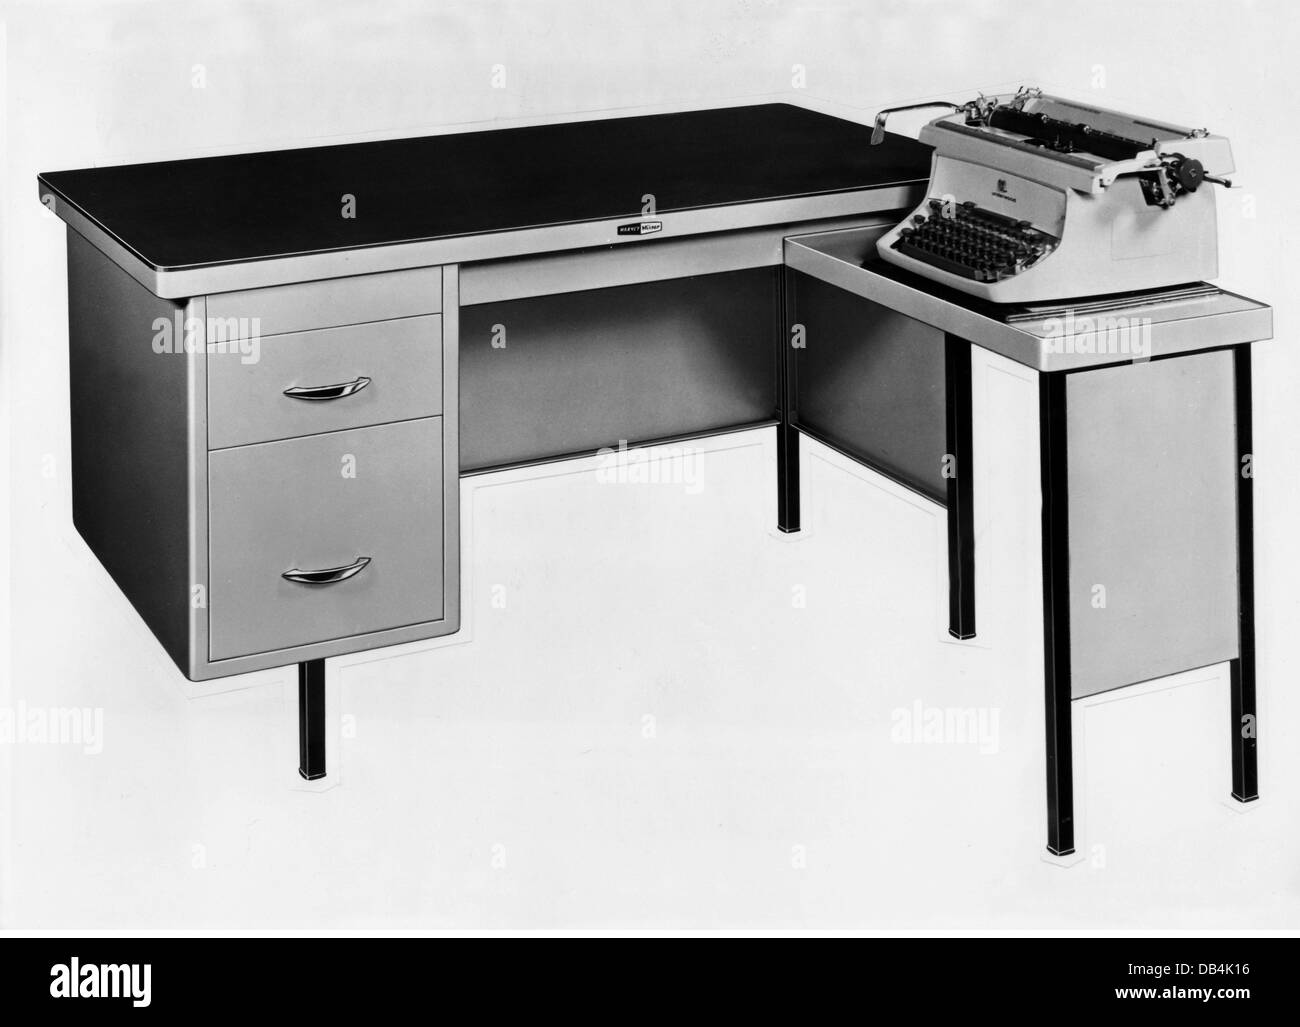 Beste Büromöbel Tische Galerie - Das Beste Architekturbild - huepie.com